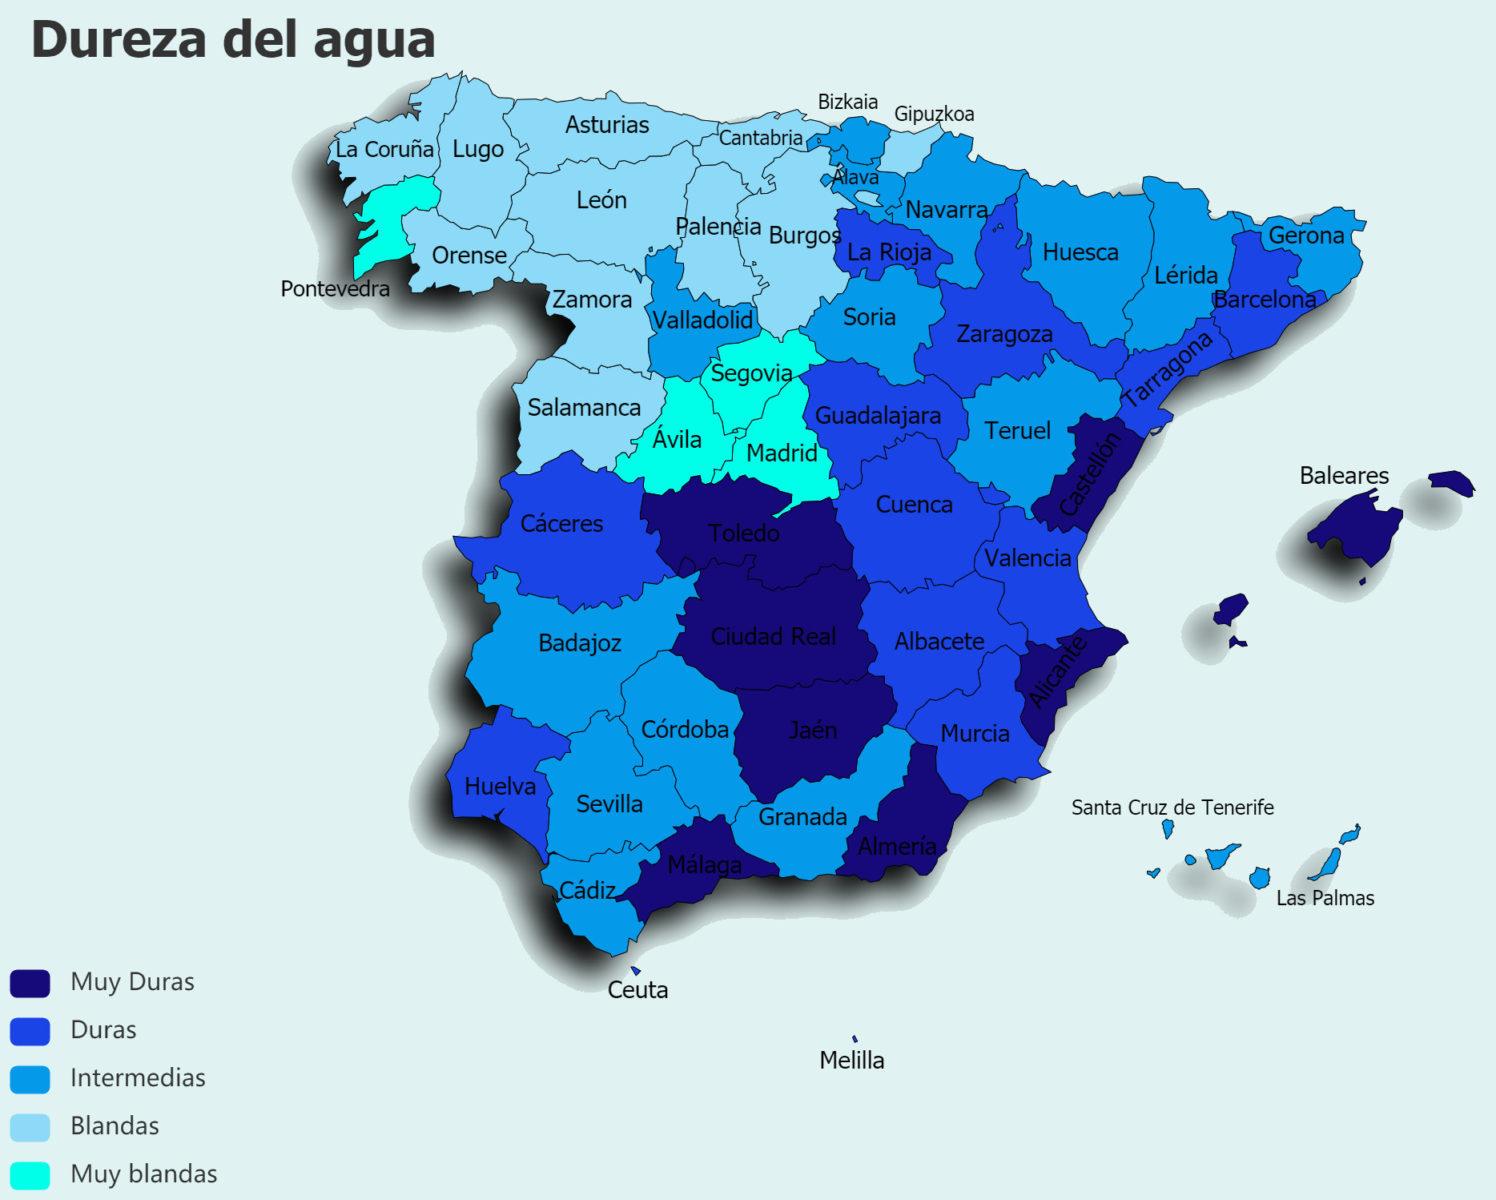 Dureza del agua_Desatascos Valma_Valladolid Palencia